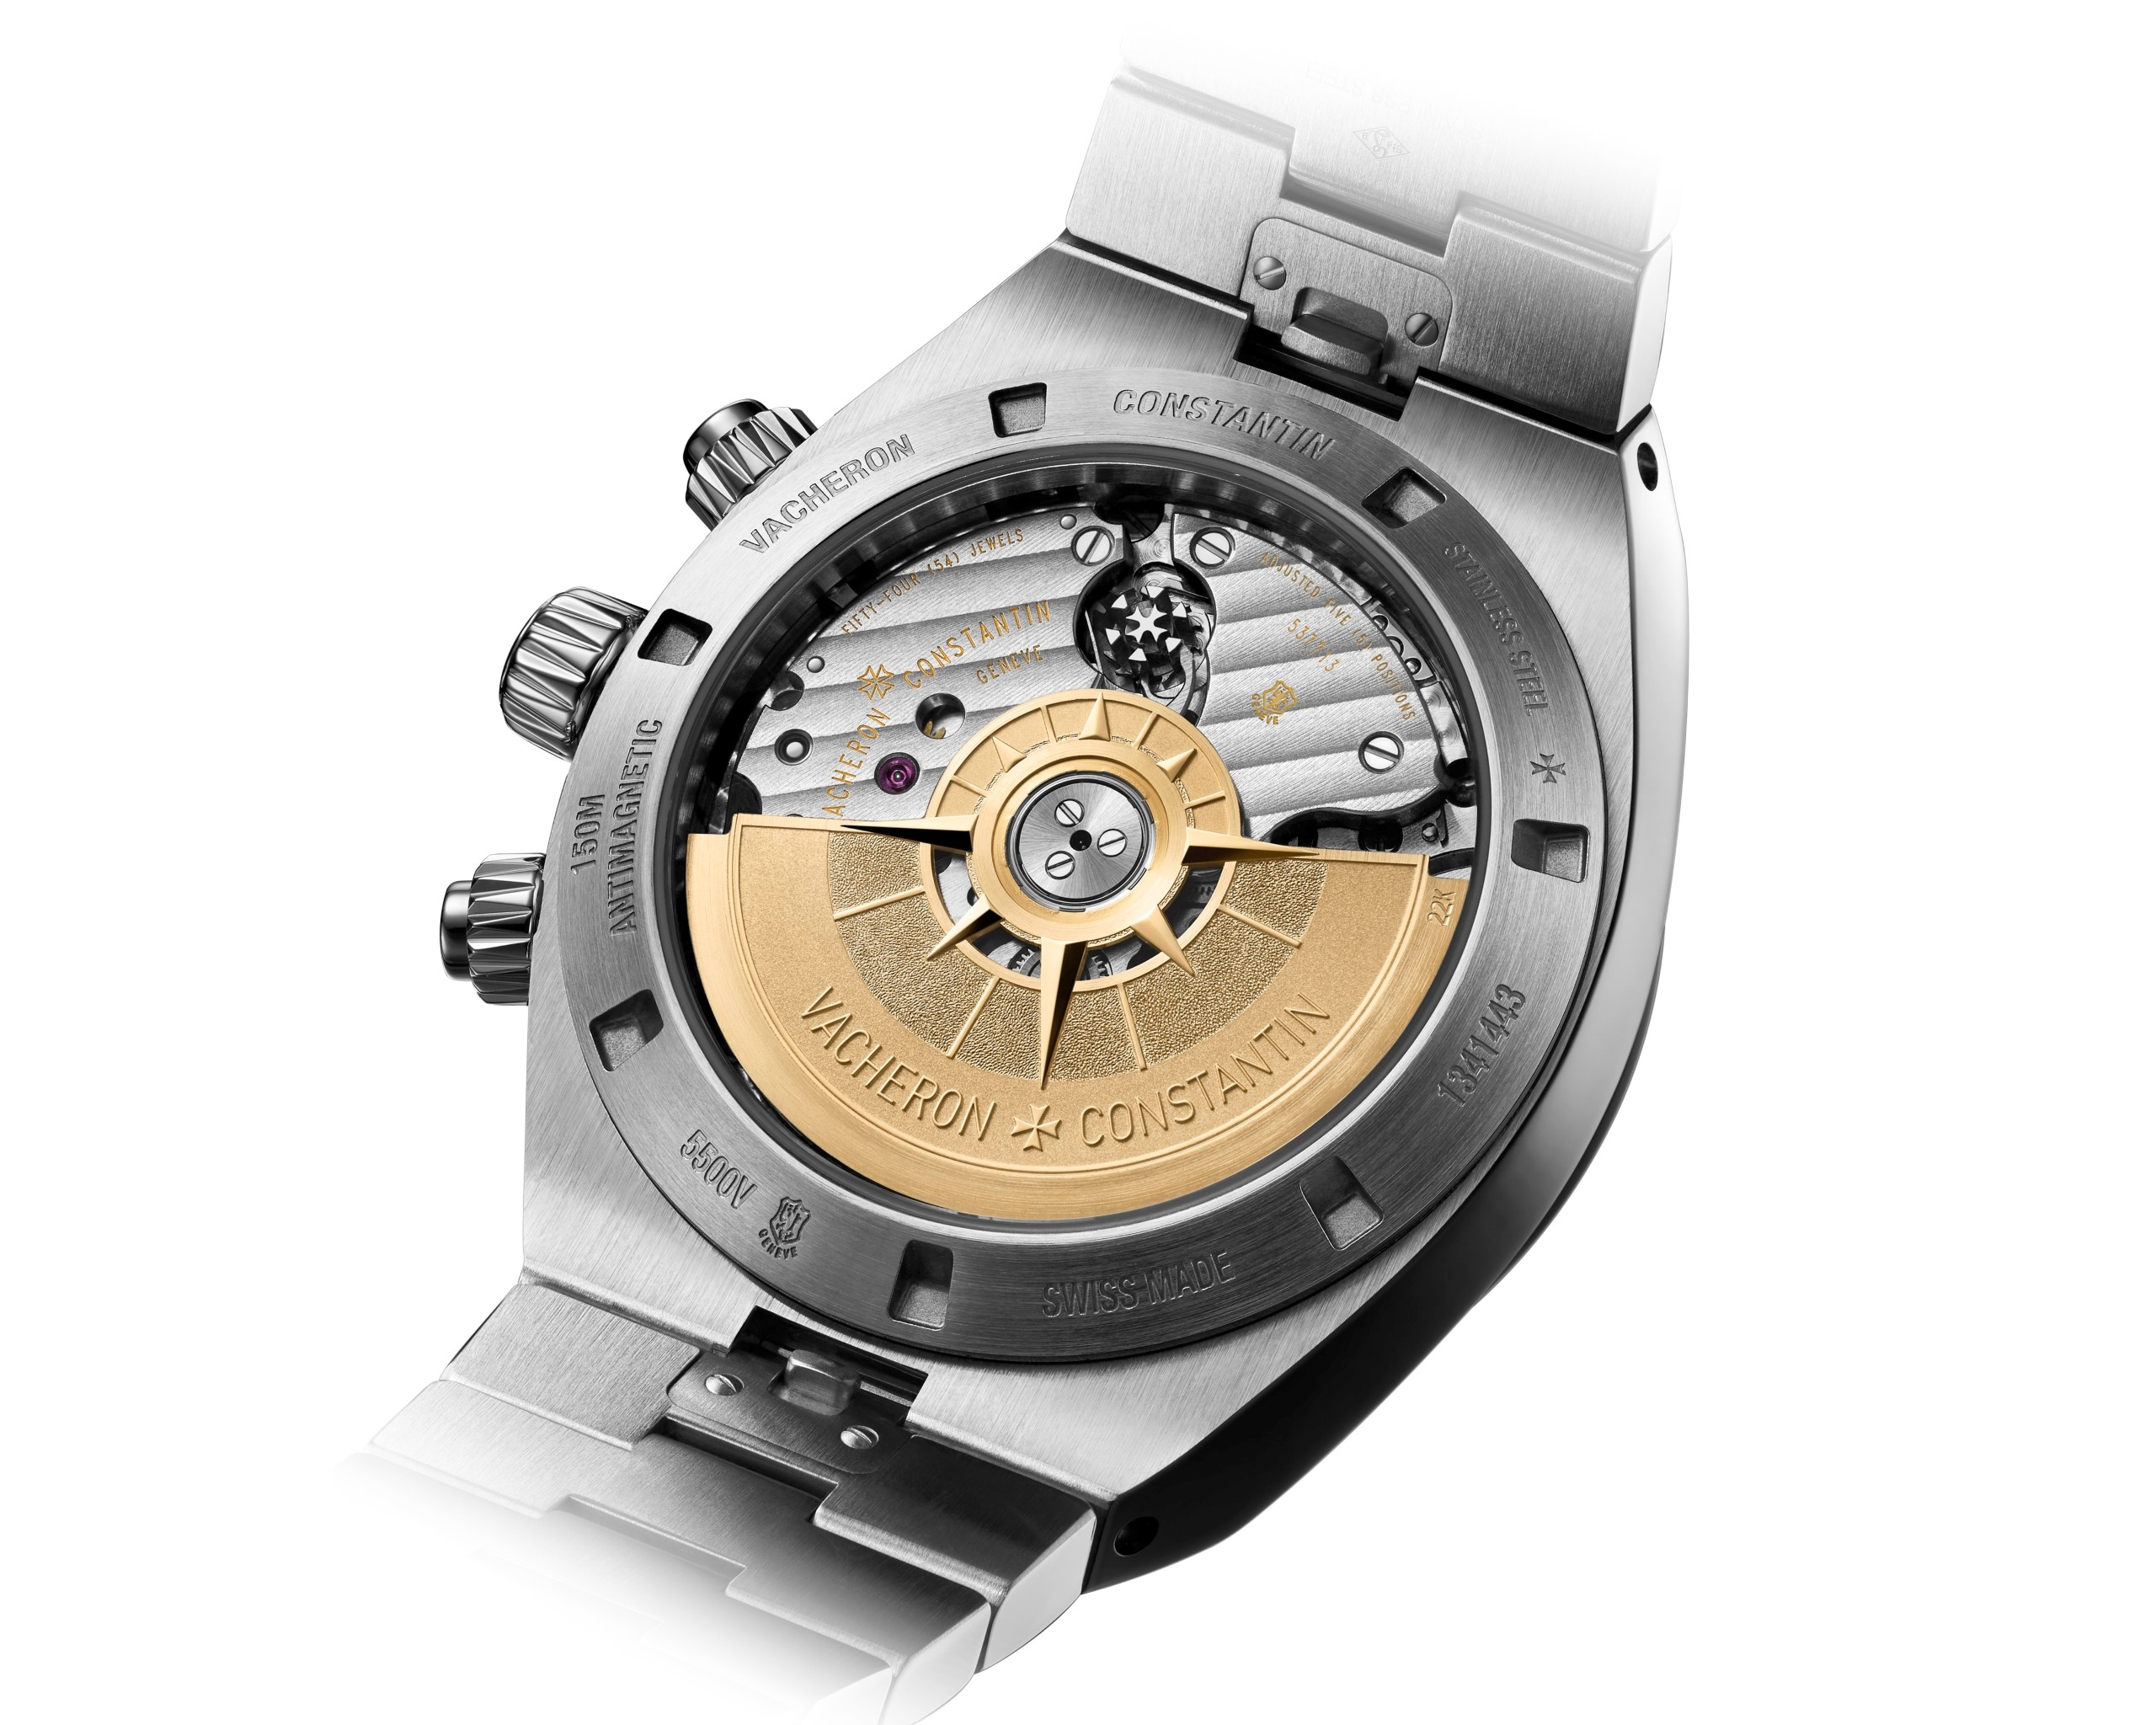 Transparentny dekiel zegarka Overseas Chronograph uwidacznia manufakturowy mechanizm ze zdobionym złotym ciężarem